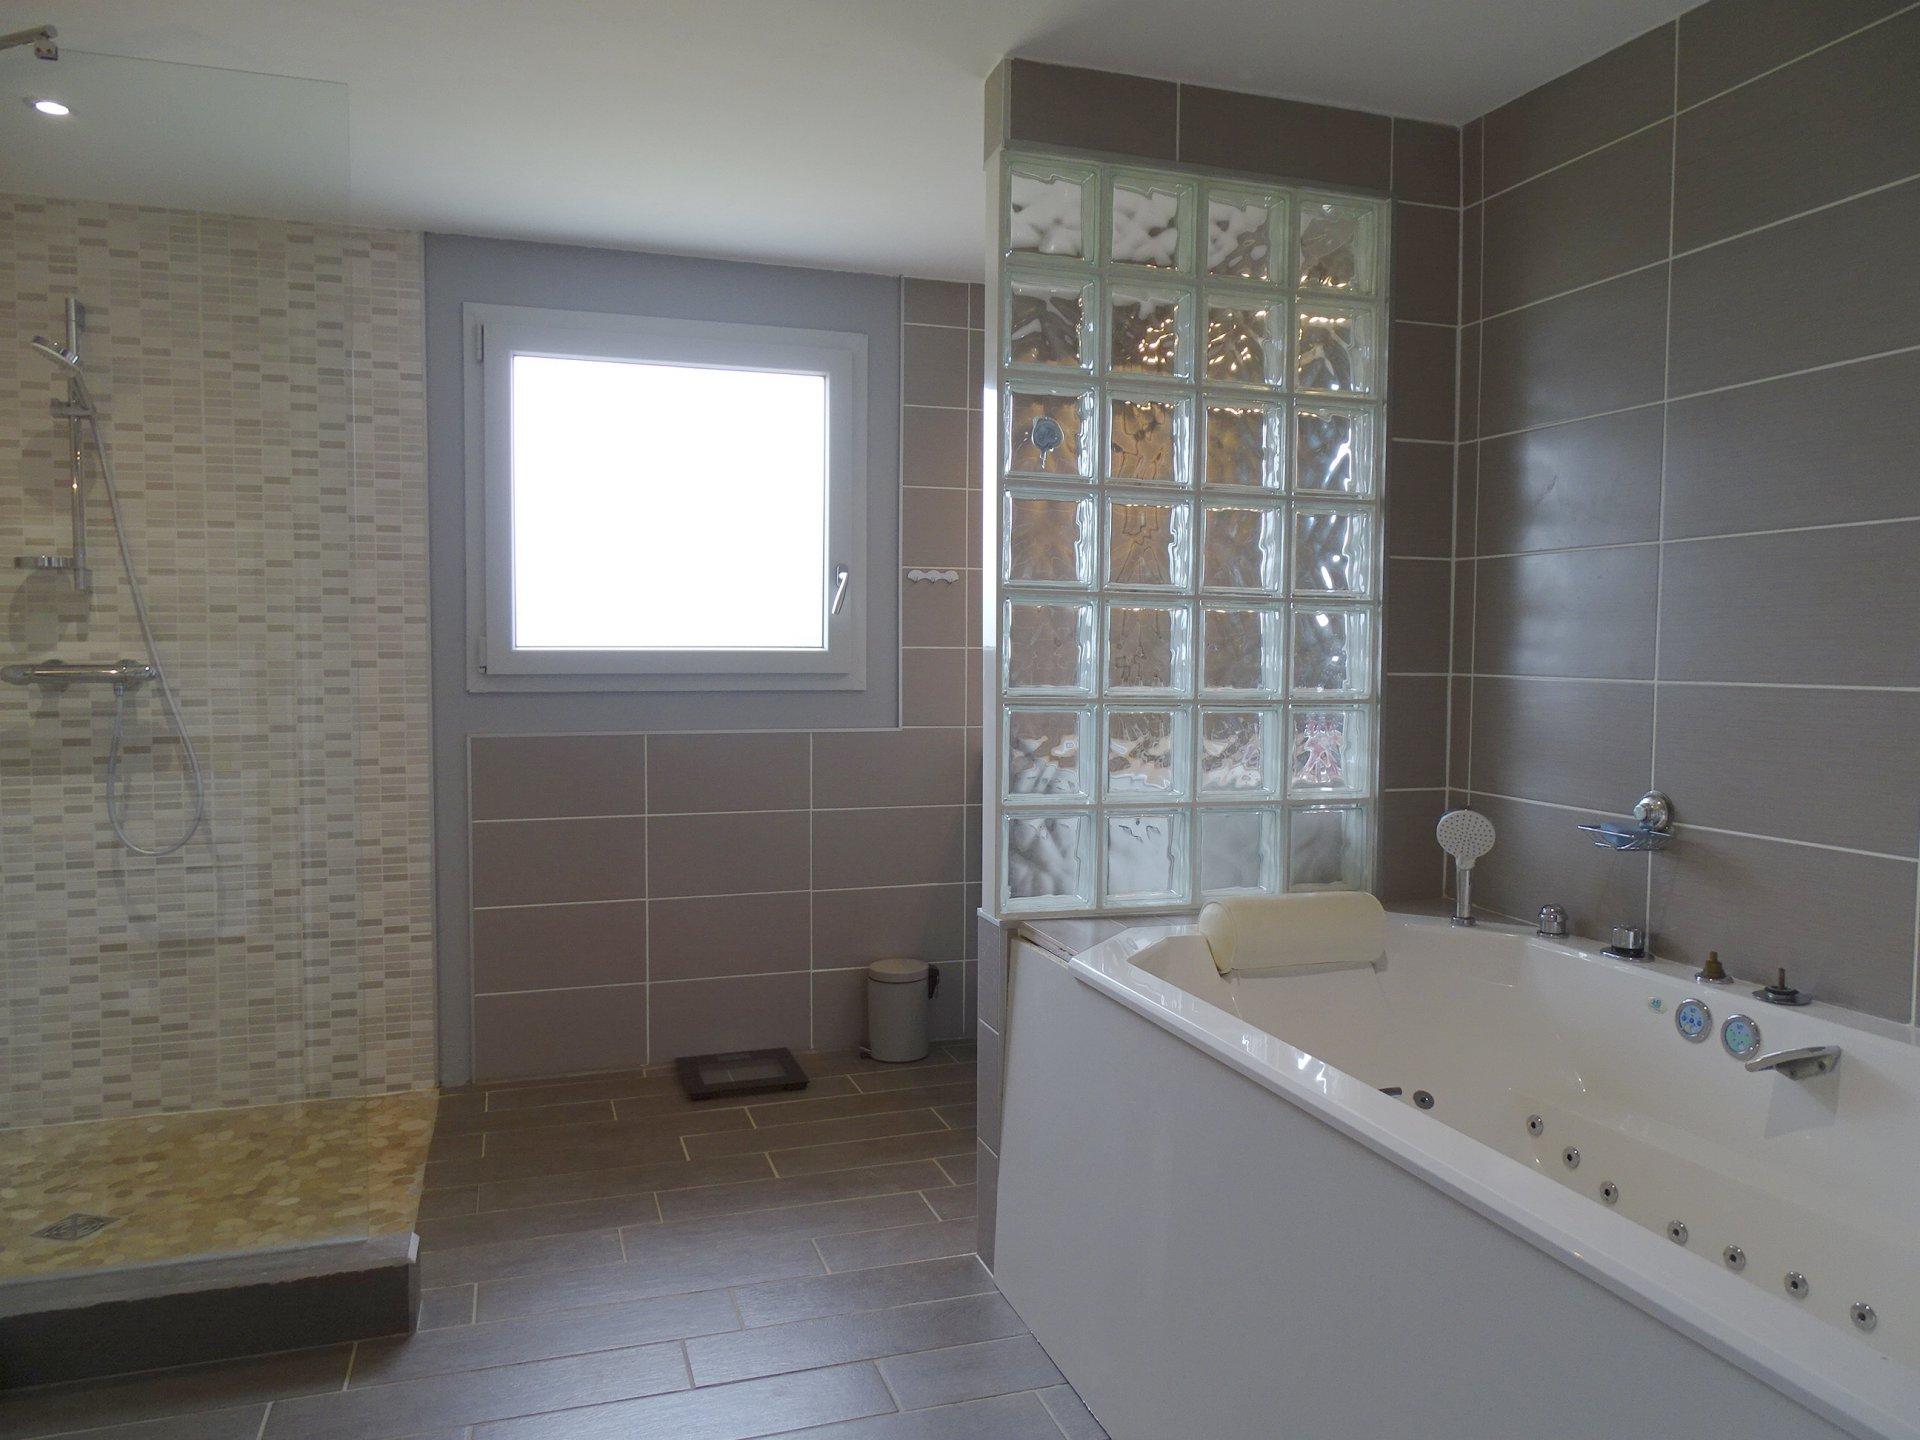 SOUS COMPROMIS DE VENTE A 20 mn de Mâcon, dans le joli village de Peronne disposant de toutes les commodités, jolie villa au calme et hors lotissement.  Entièrement de plain pied, elle se compose d'une belle pièce à vivre avec cuisine équipée, de trois chambres, d'une très grande salle de bain avec douche italienne et baignoire balnéo, d'un wc avec point d'eau et d'un double garage indépendant. Très lumineuse, elle s'ouvre sur un beau terrain de 1200 m² avec vue sur les monts du Mâconnais.  Achevée en 2017, il n'y a aucun travaux à prévoir : chauffage par pompe à chaleur, ballon d'eau thermodynamique, poêle à granule...  Tout a été pensé pour un maximum de confort ! A visiter sans tarder !